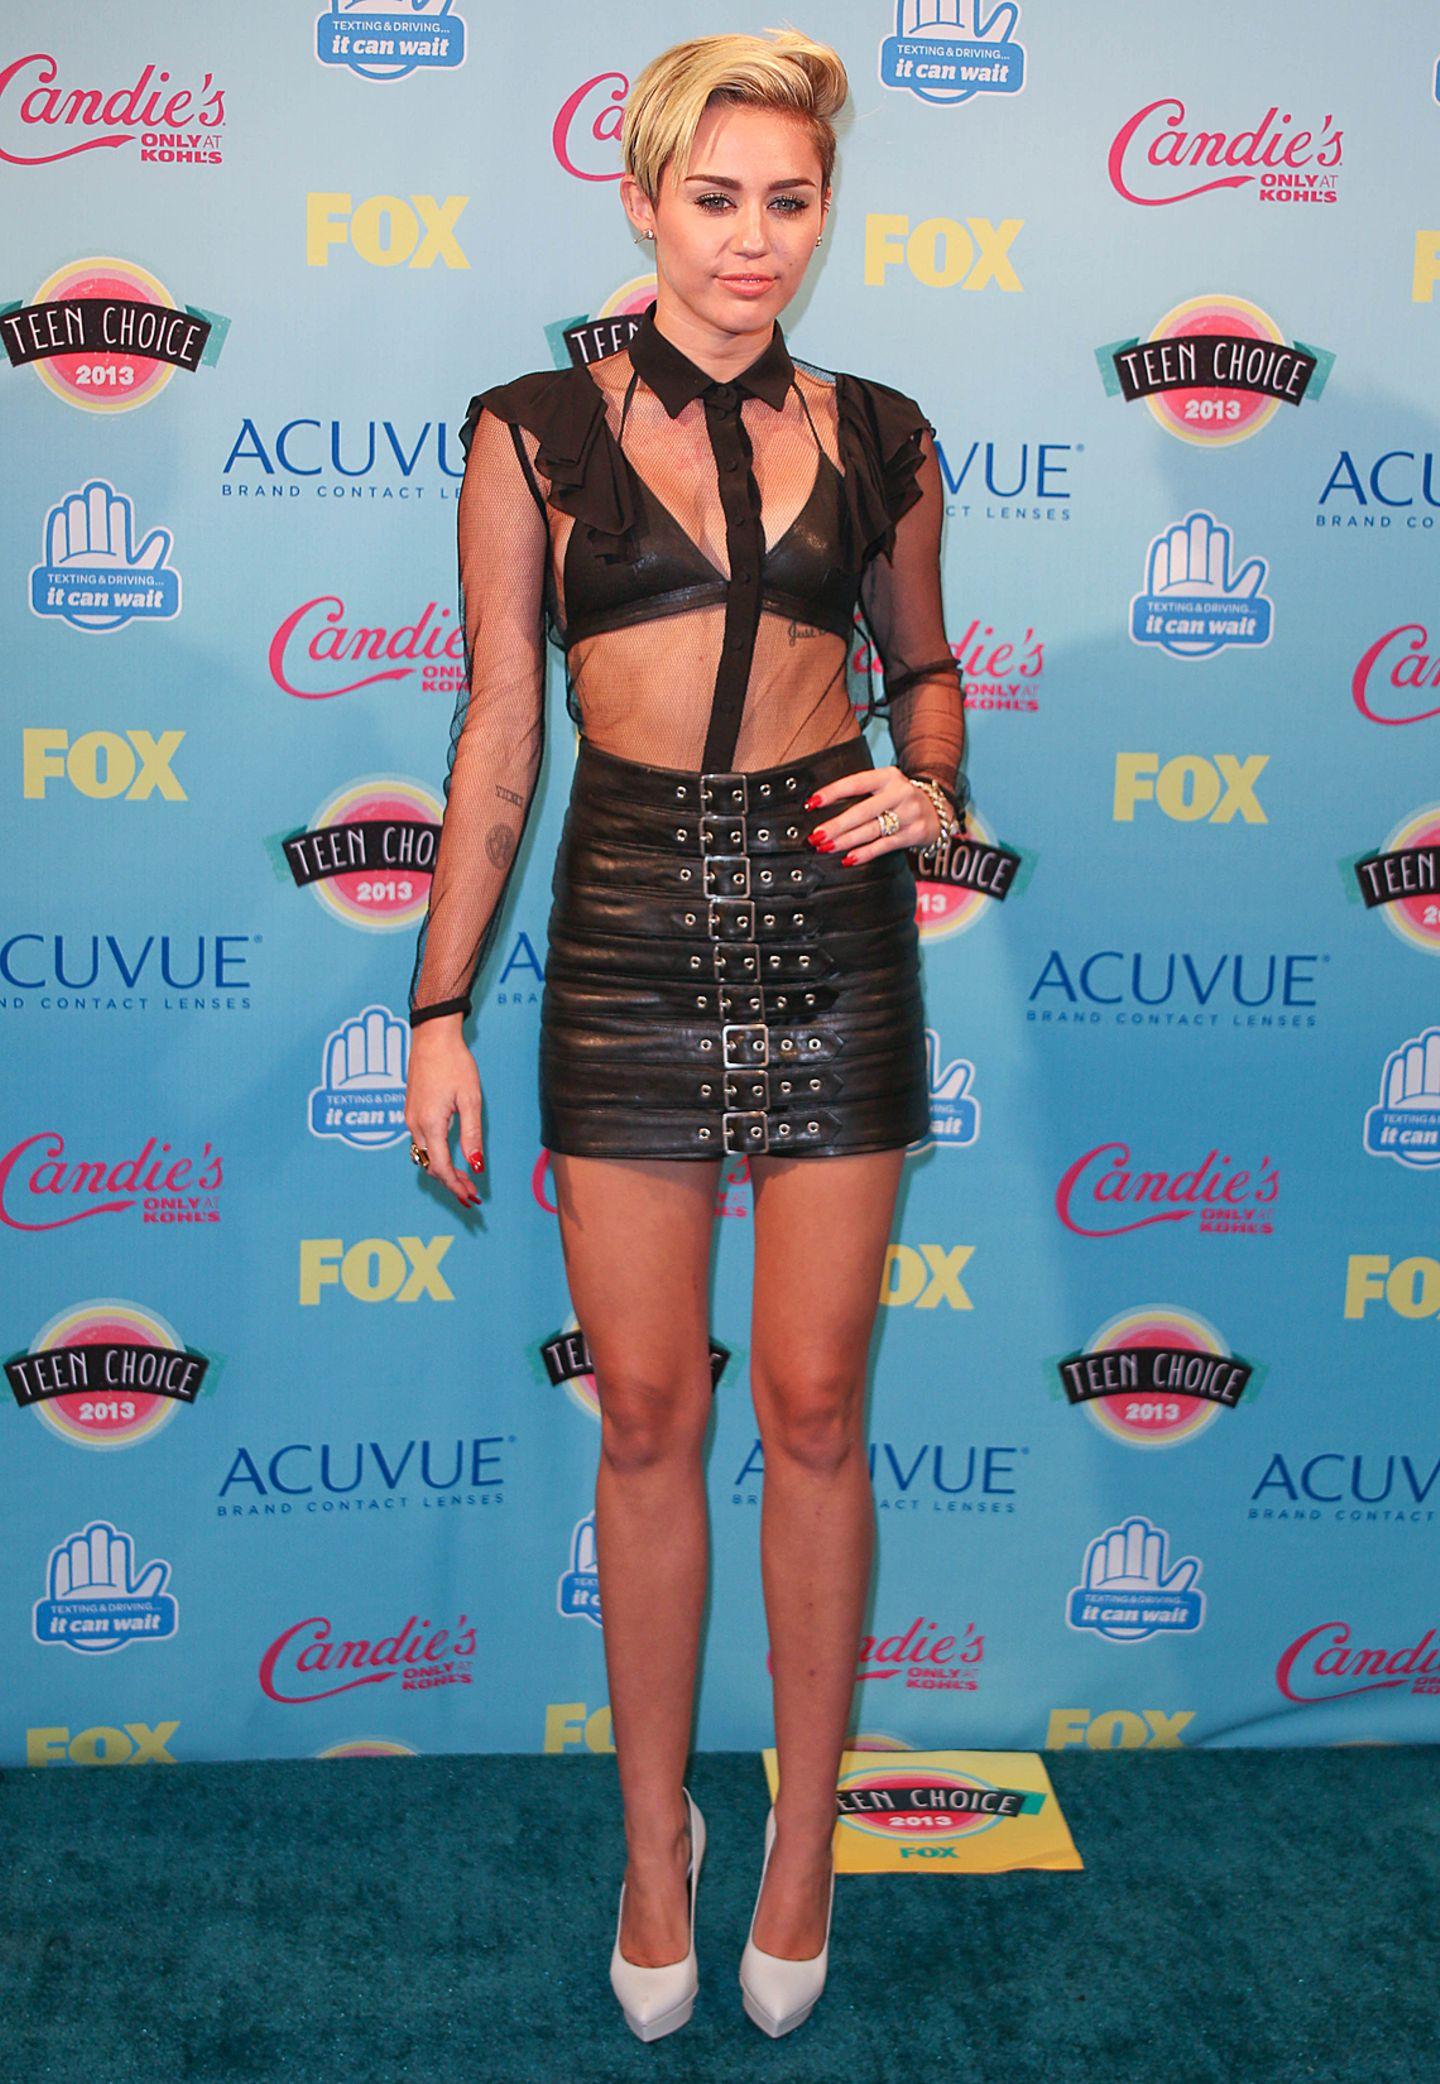 """Oben durchsichtig, aber brav zugeknöpft; unten ein zum Rock gewordenes Gebilde aus Ledergürteln. Soviel ist sicher: Diesen Look erwartet man nicht bei einer """"Teen Choice Awards""""-Verleihung."""